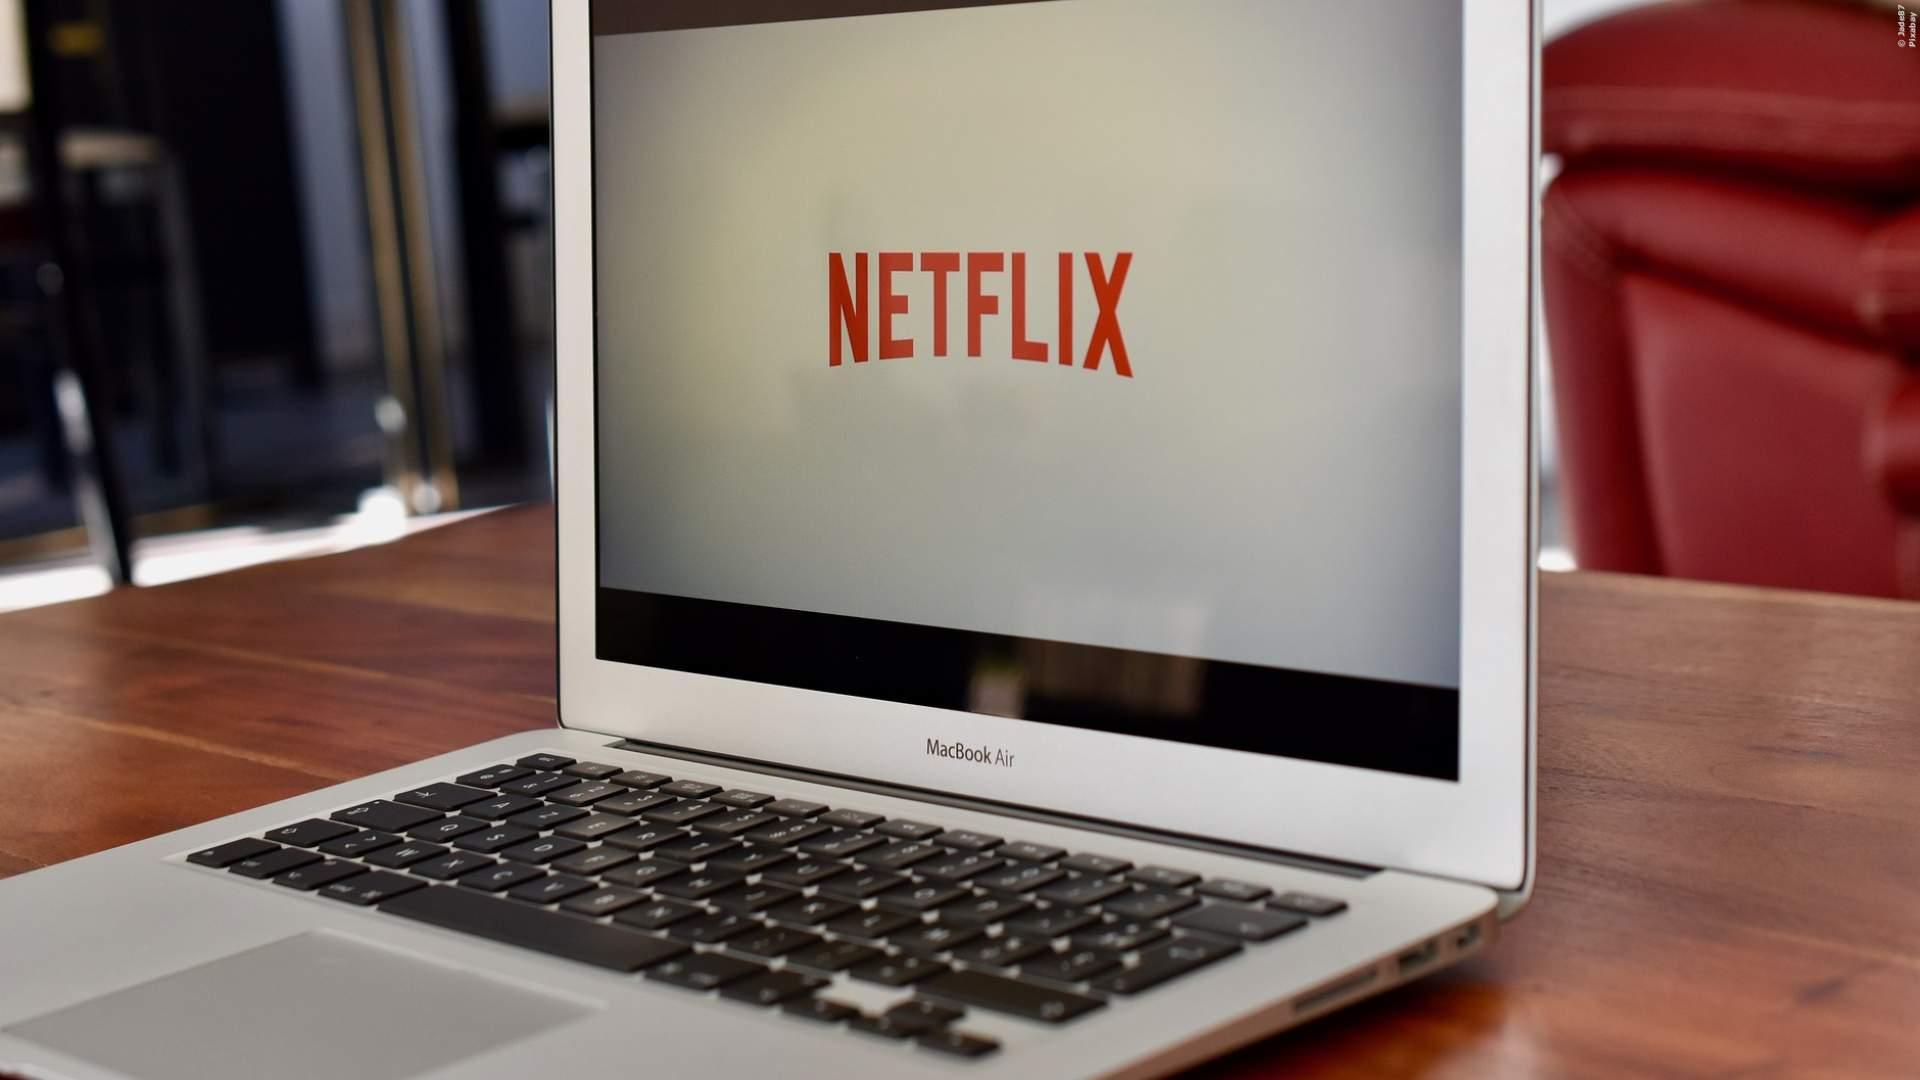 Das gab es noch nie: Netflix zensiert sich nachträglich selbst